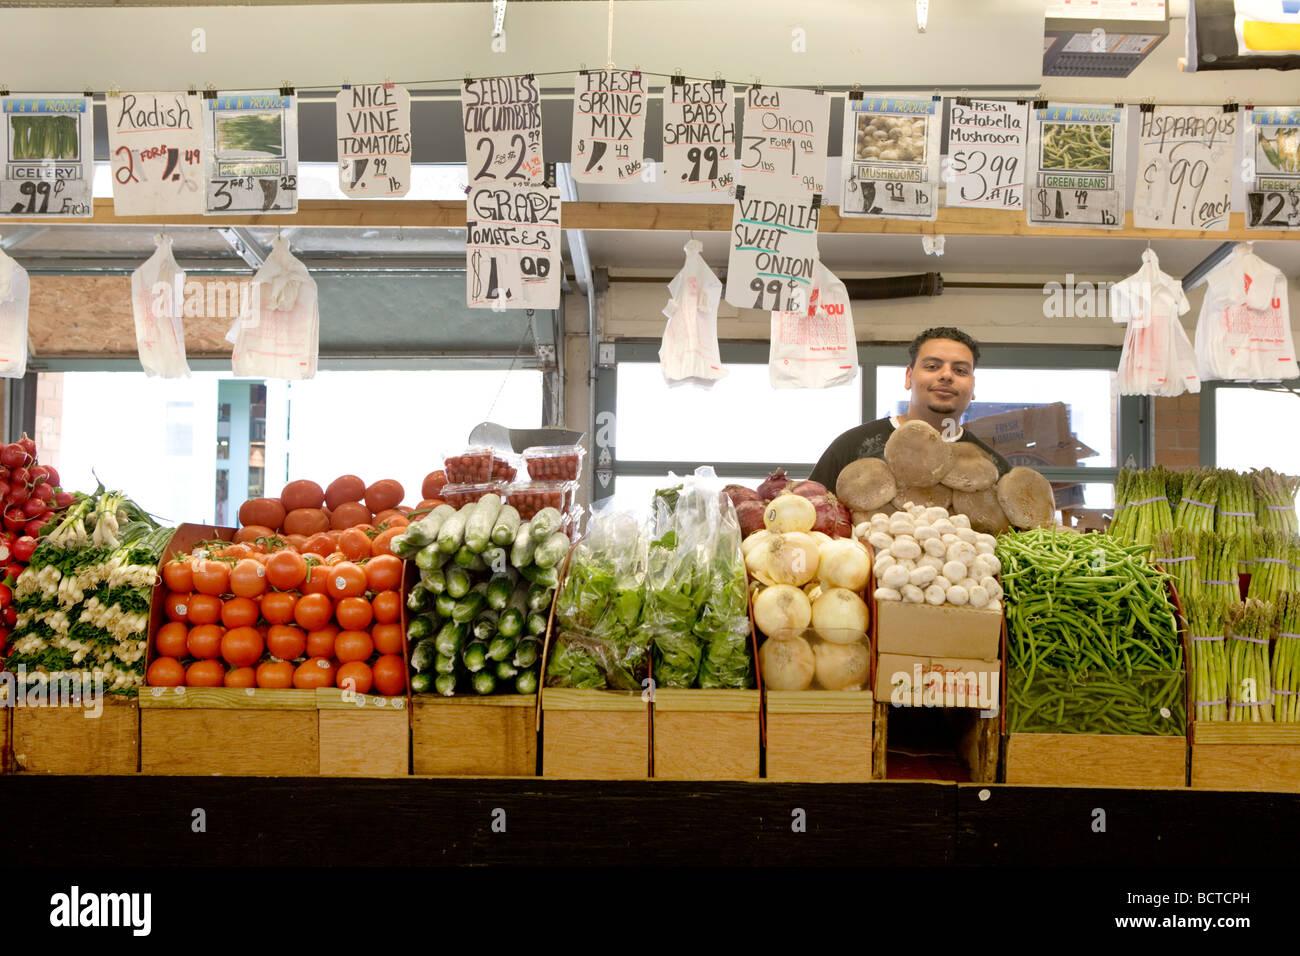 Des produits frais au marché du côté ouest à Cleveland (Ohio) Photo Stock